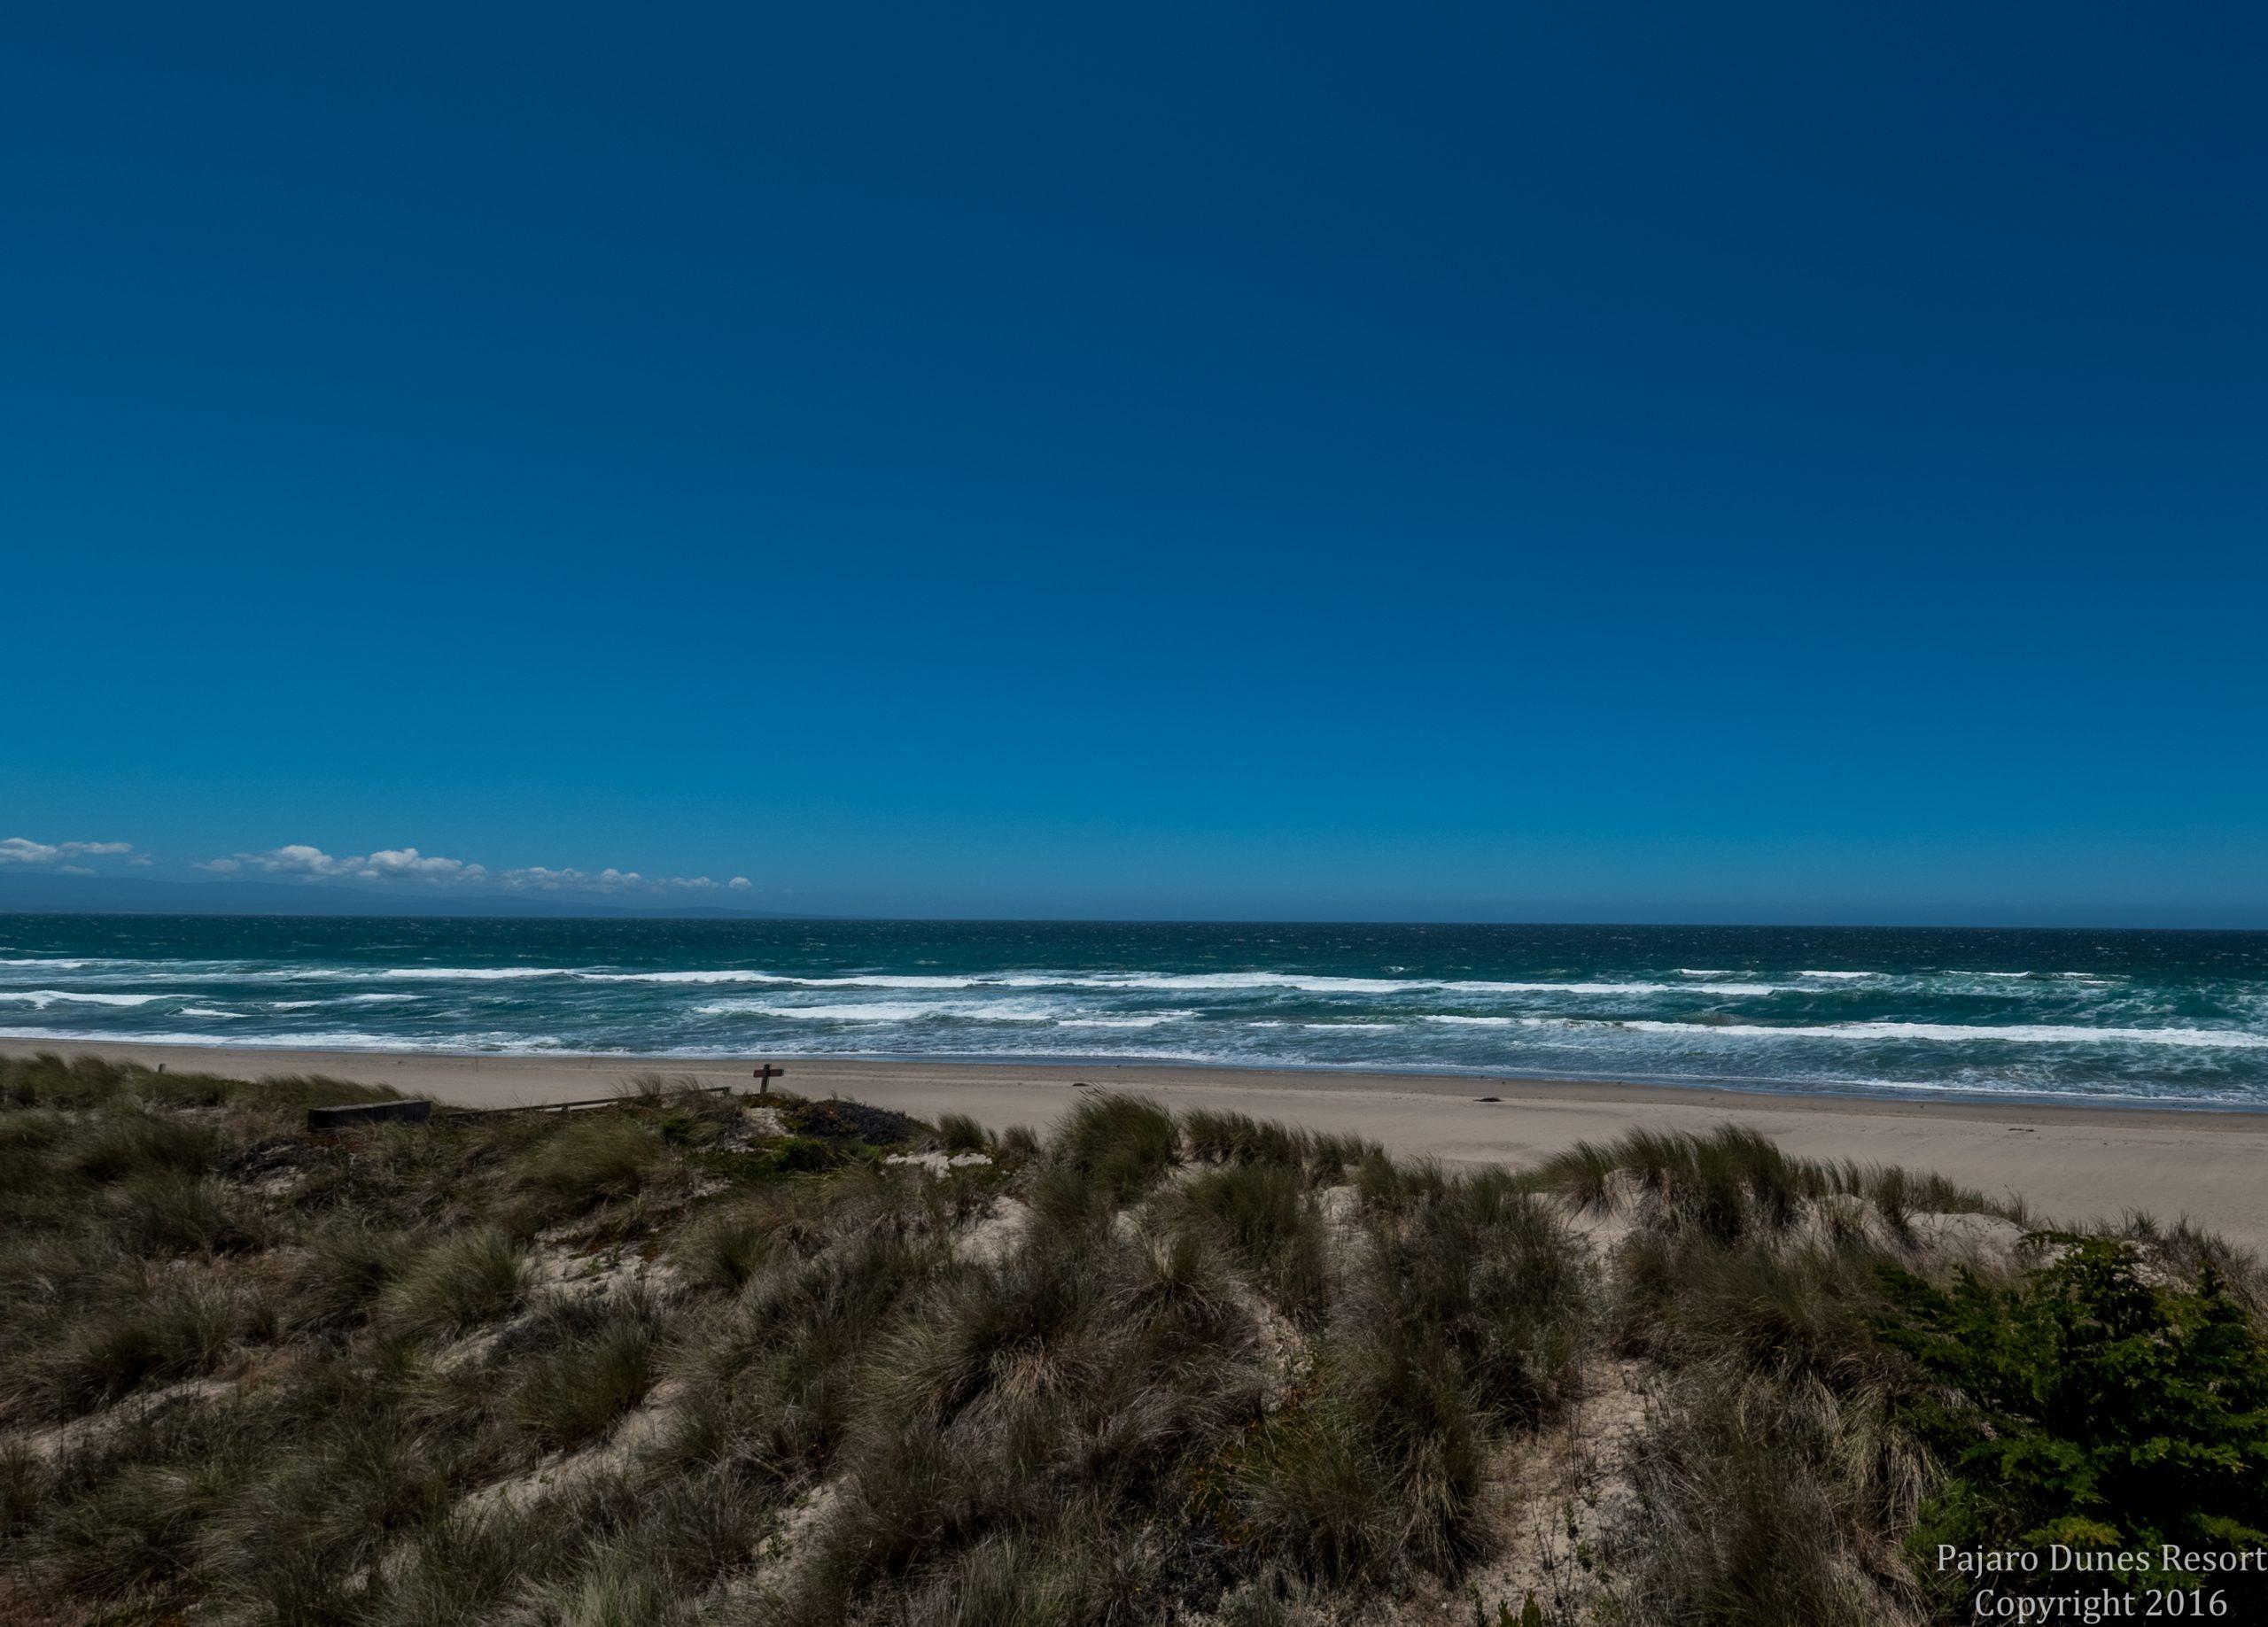 Pajaro Dunes Cypress 6 Image 3